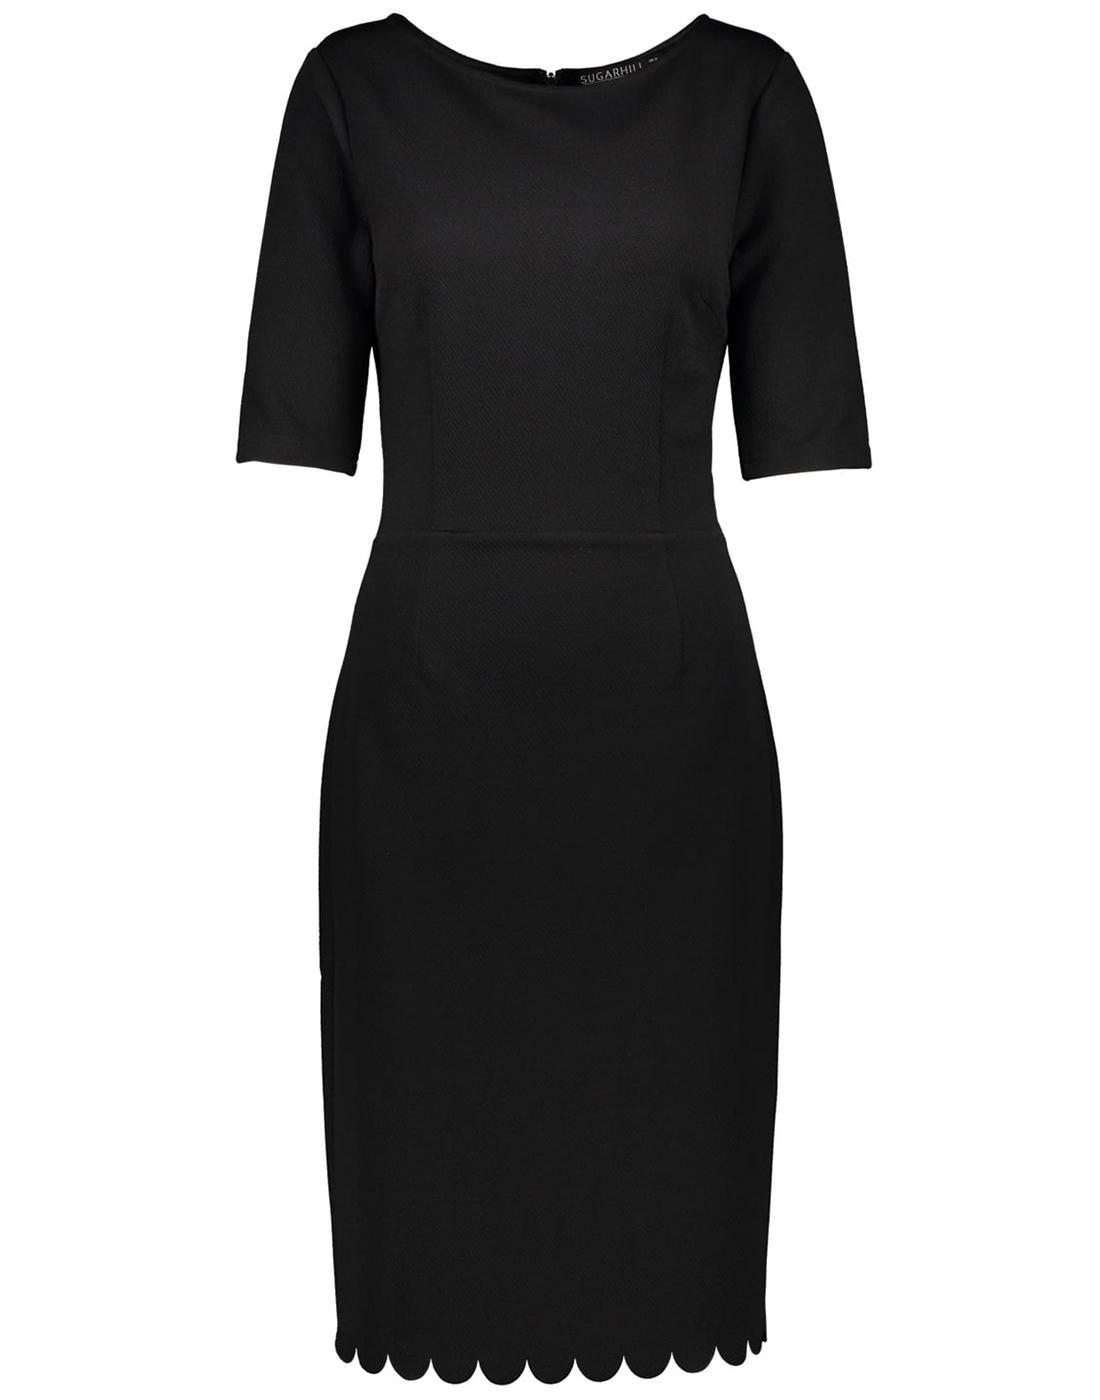 Albury SUGARHILL BOUTIQUE Retro 50s Pencil Dress